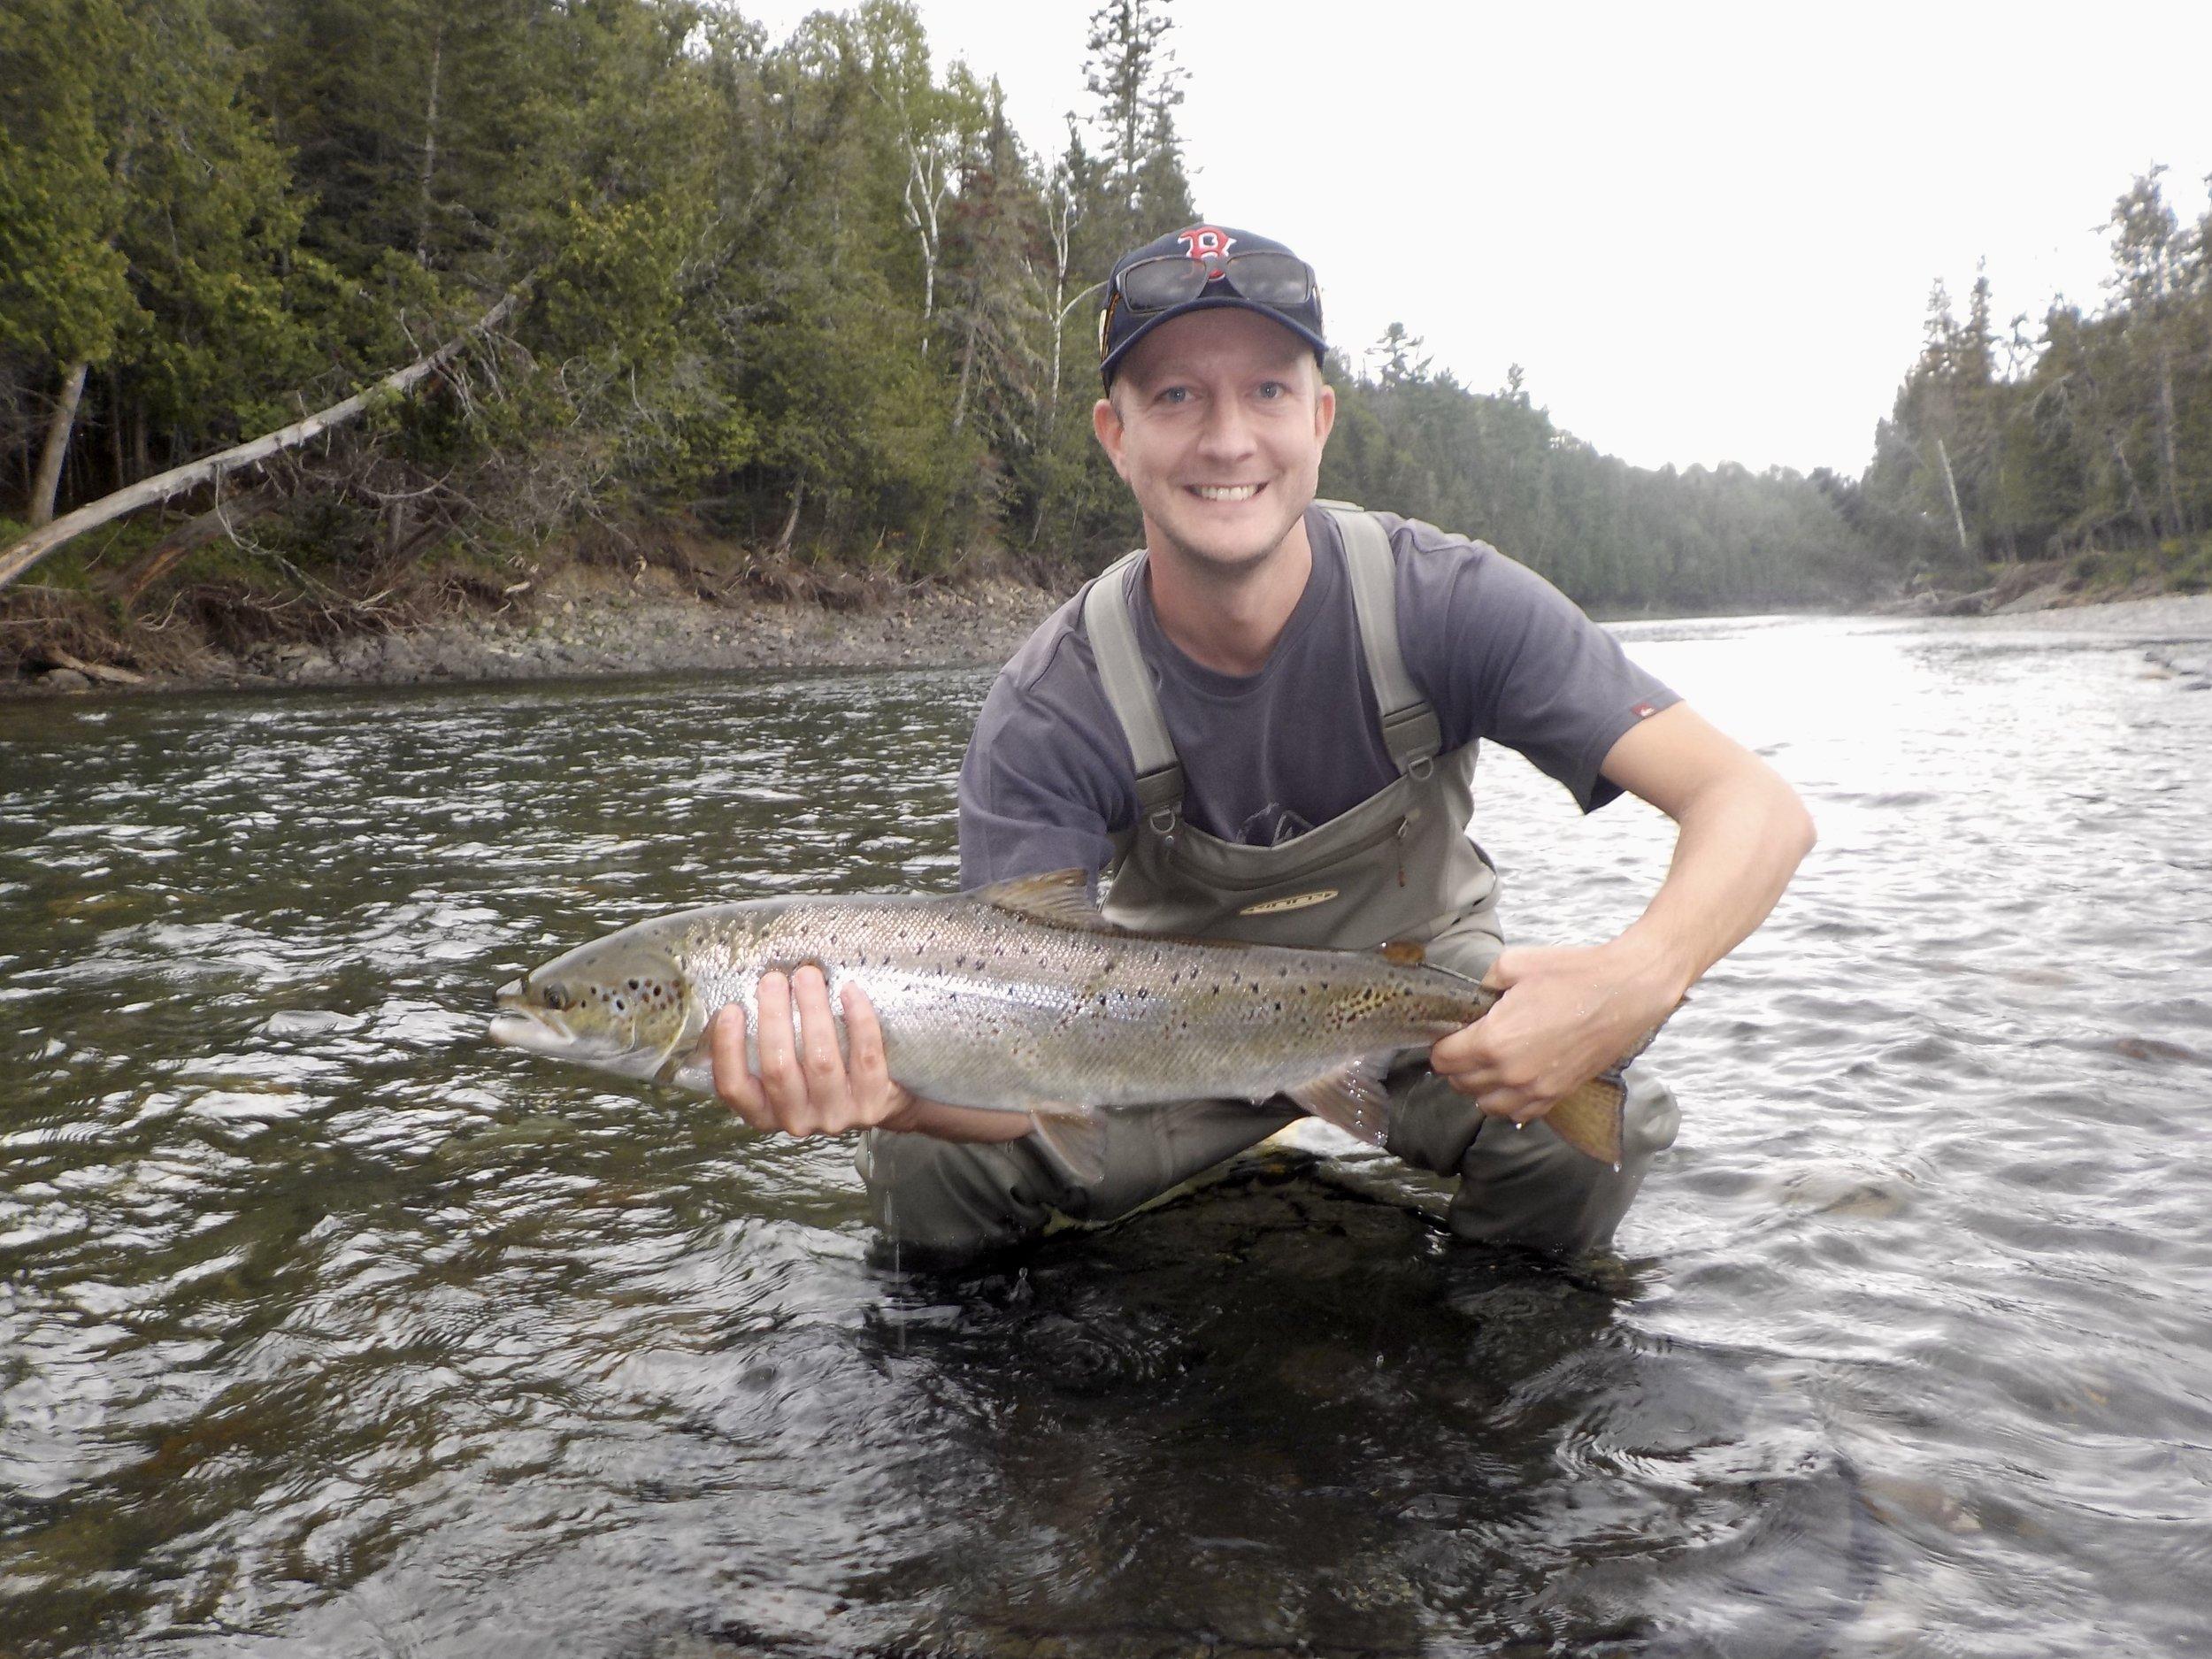 Michael Herfs en est à sa première visite au Camp Bonaventure. Quel beau saumon il s'apprête à remettre à l'eau dans la Petite Cascapédia!